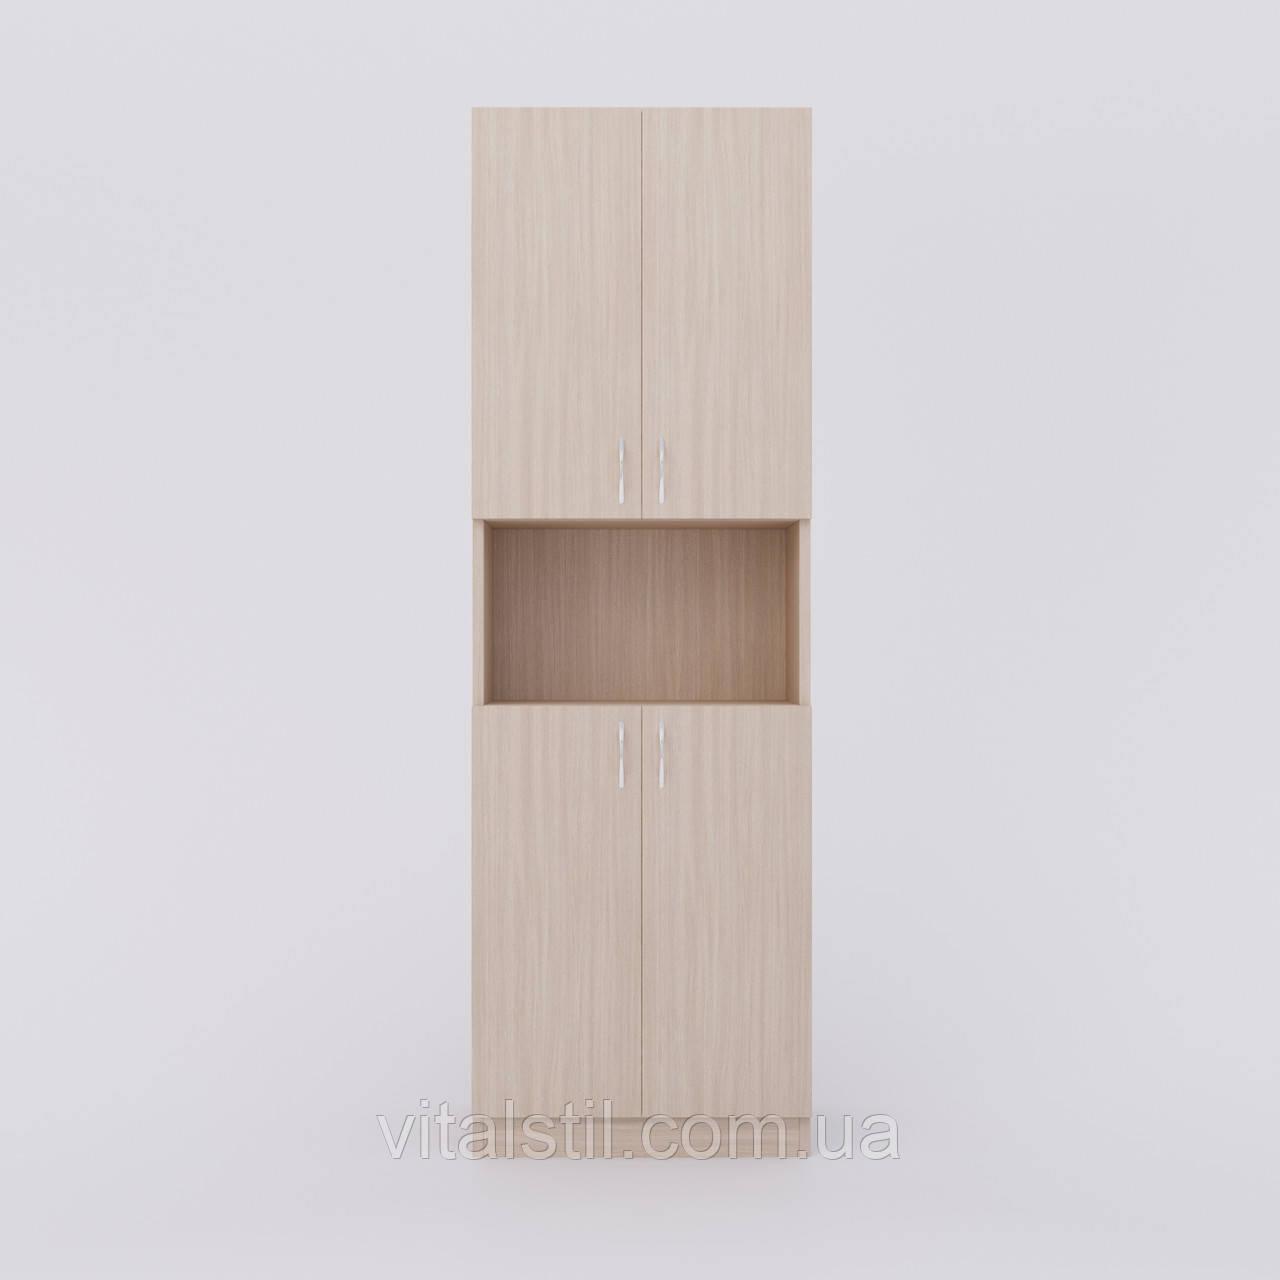 Шкаф для документов K-107 (600*320*1860)